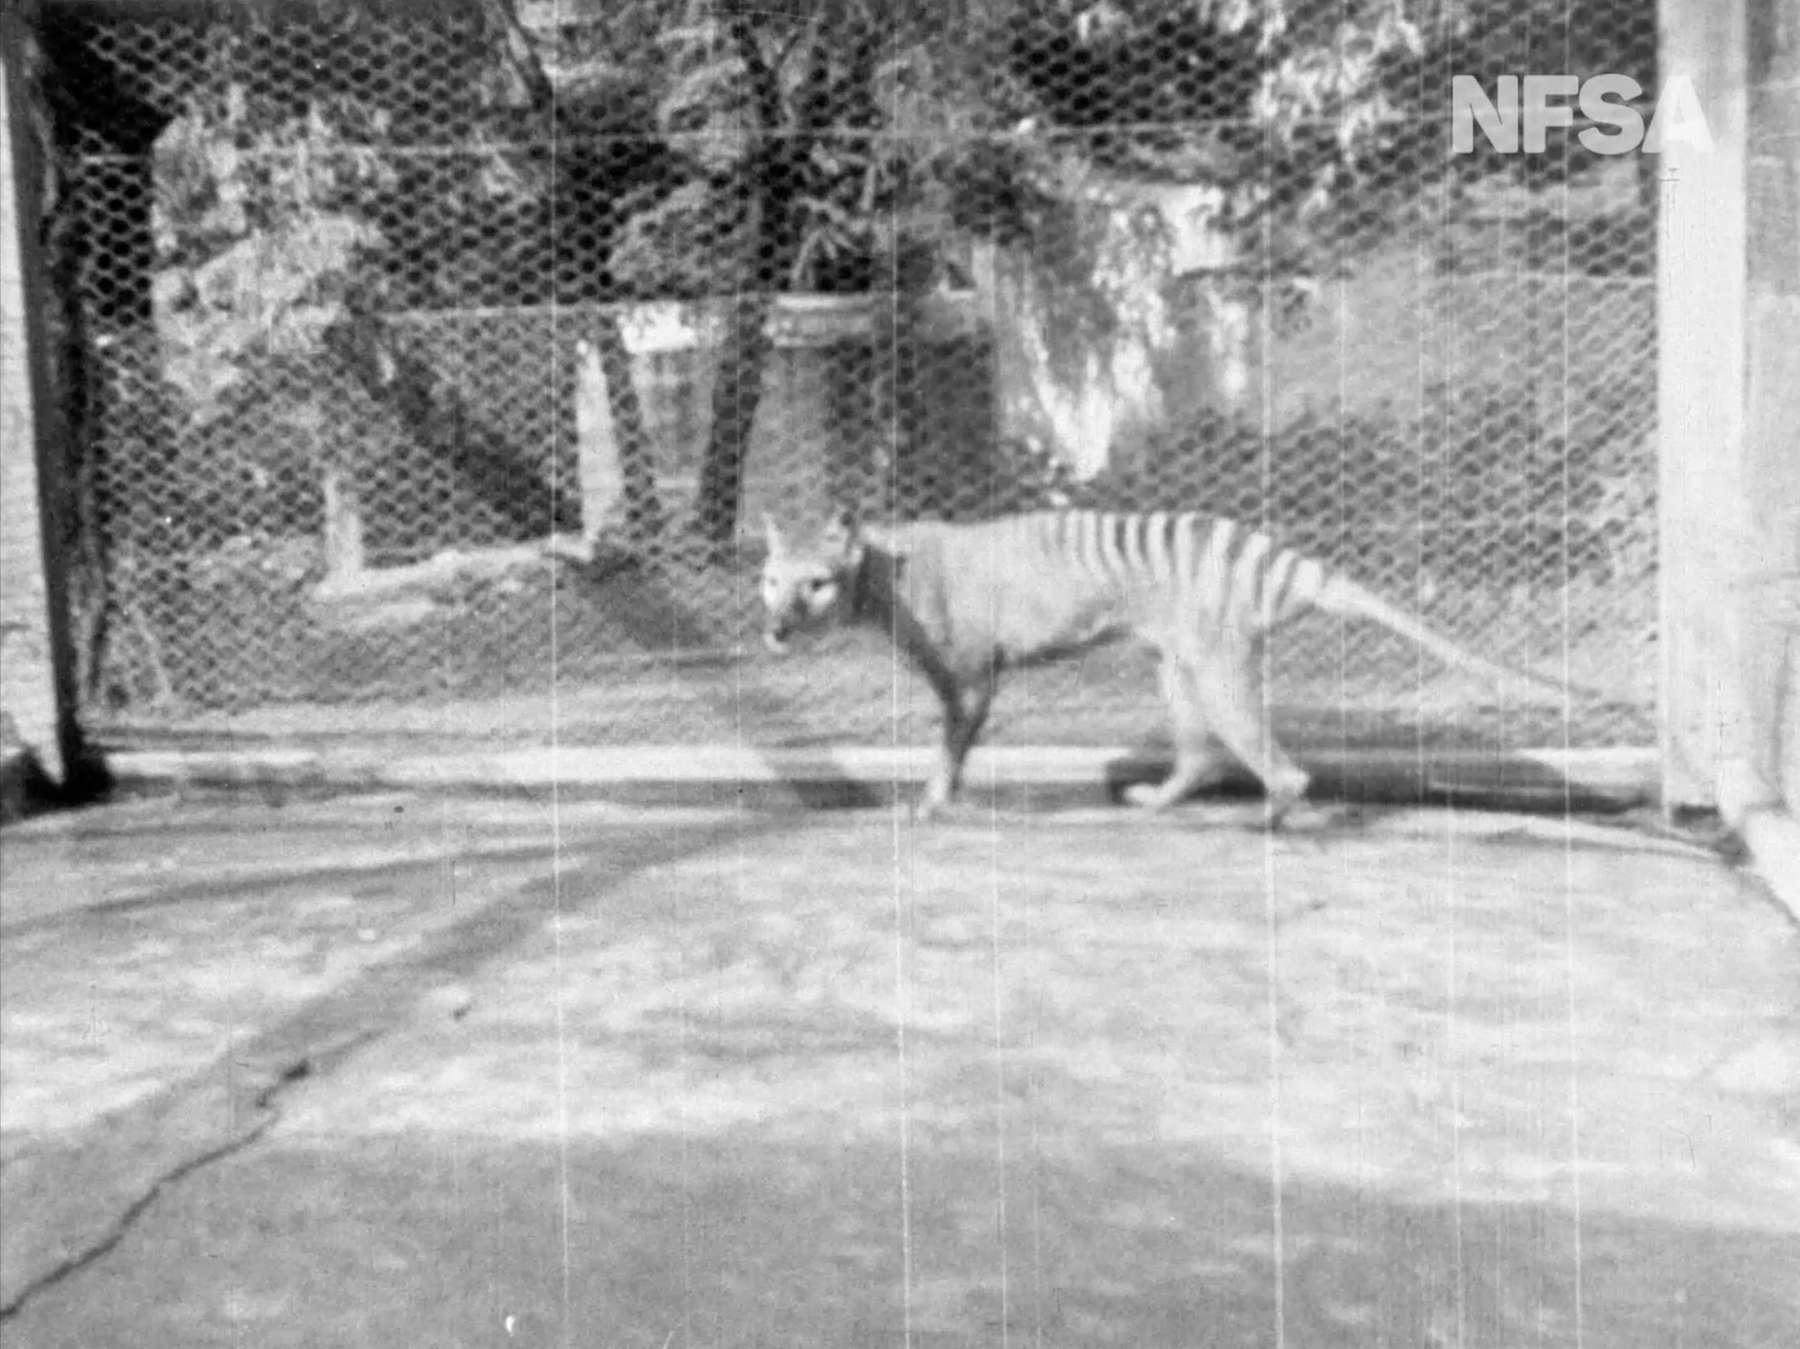 Benjamin, le dernier tigre de Tasmanie, s'est éteint le 7 septembre 1936 en captivité. © NFSA